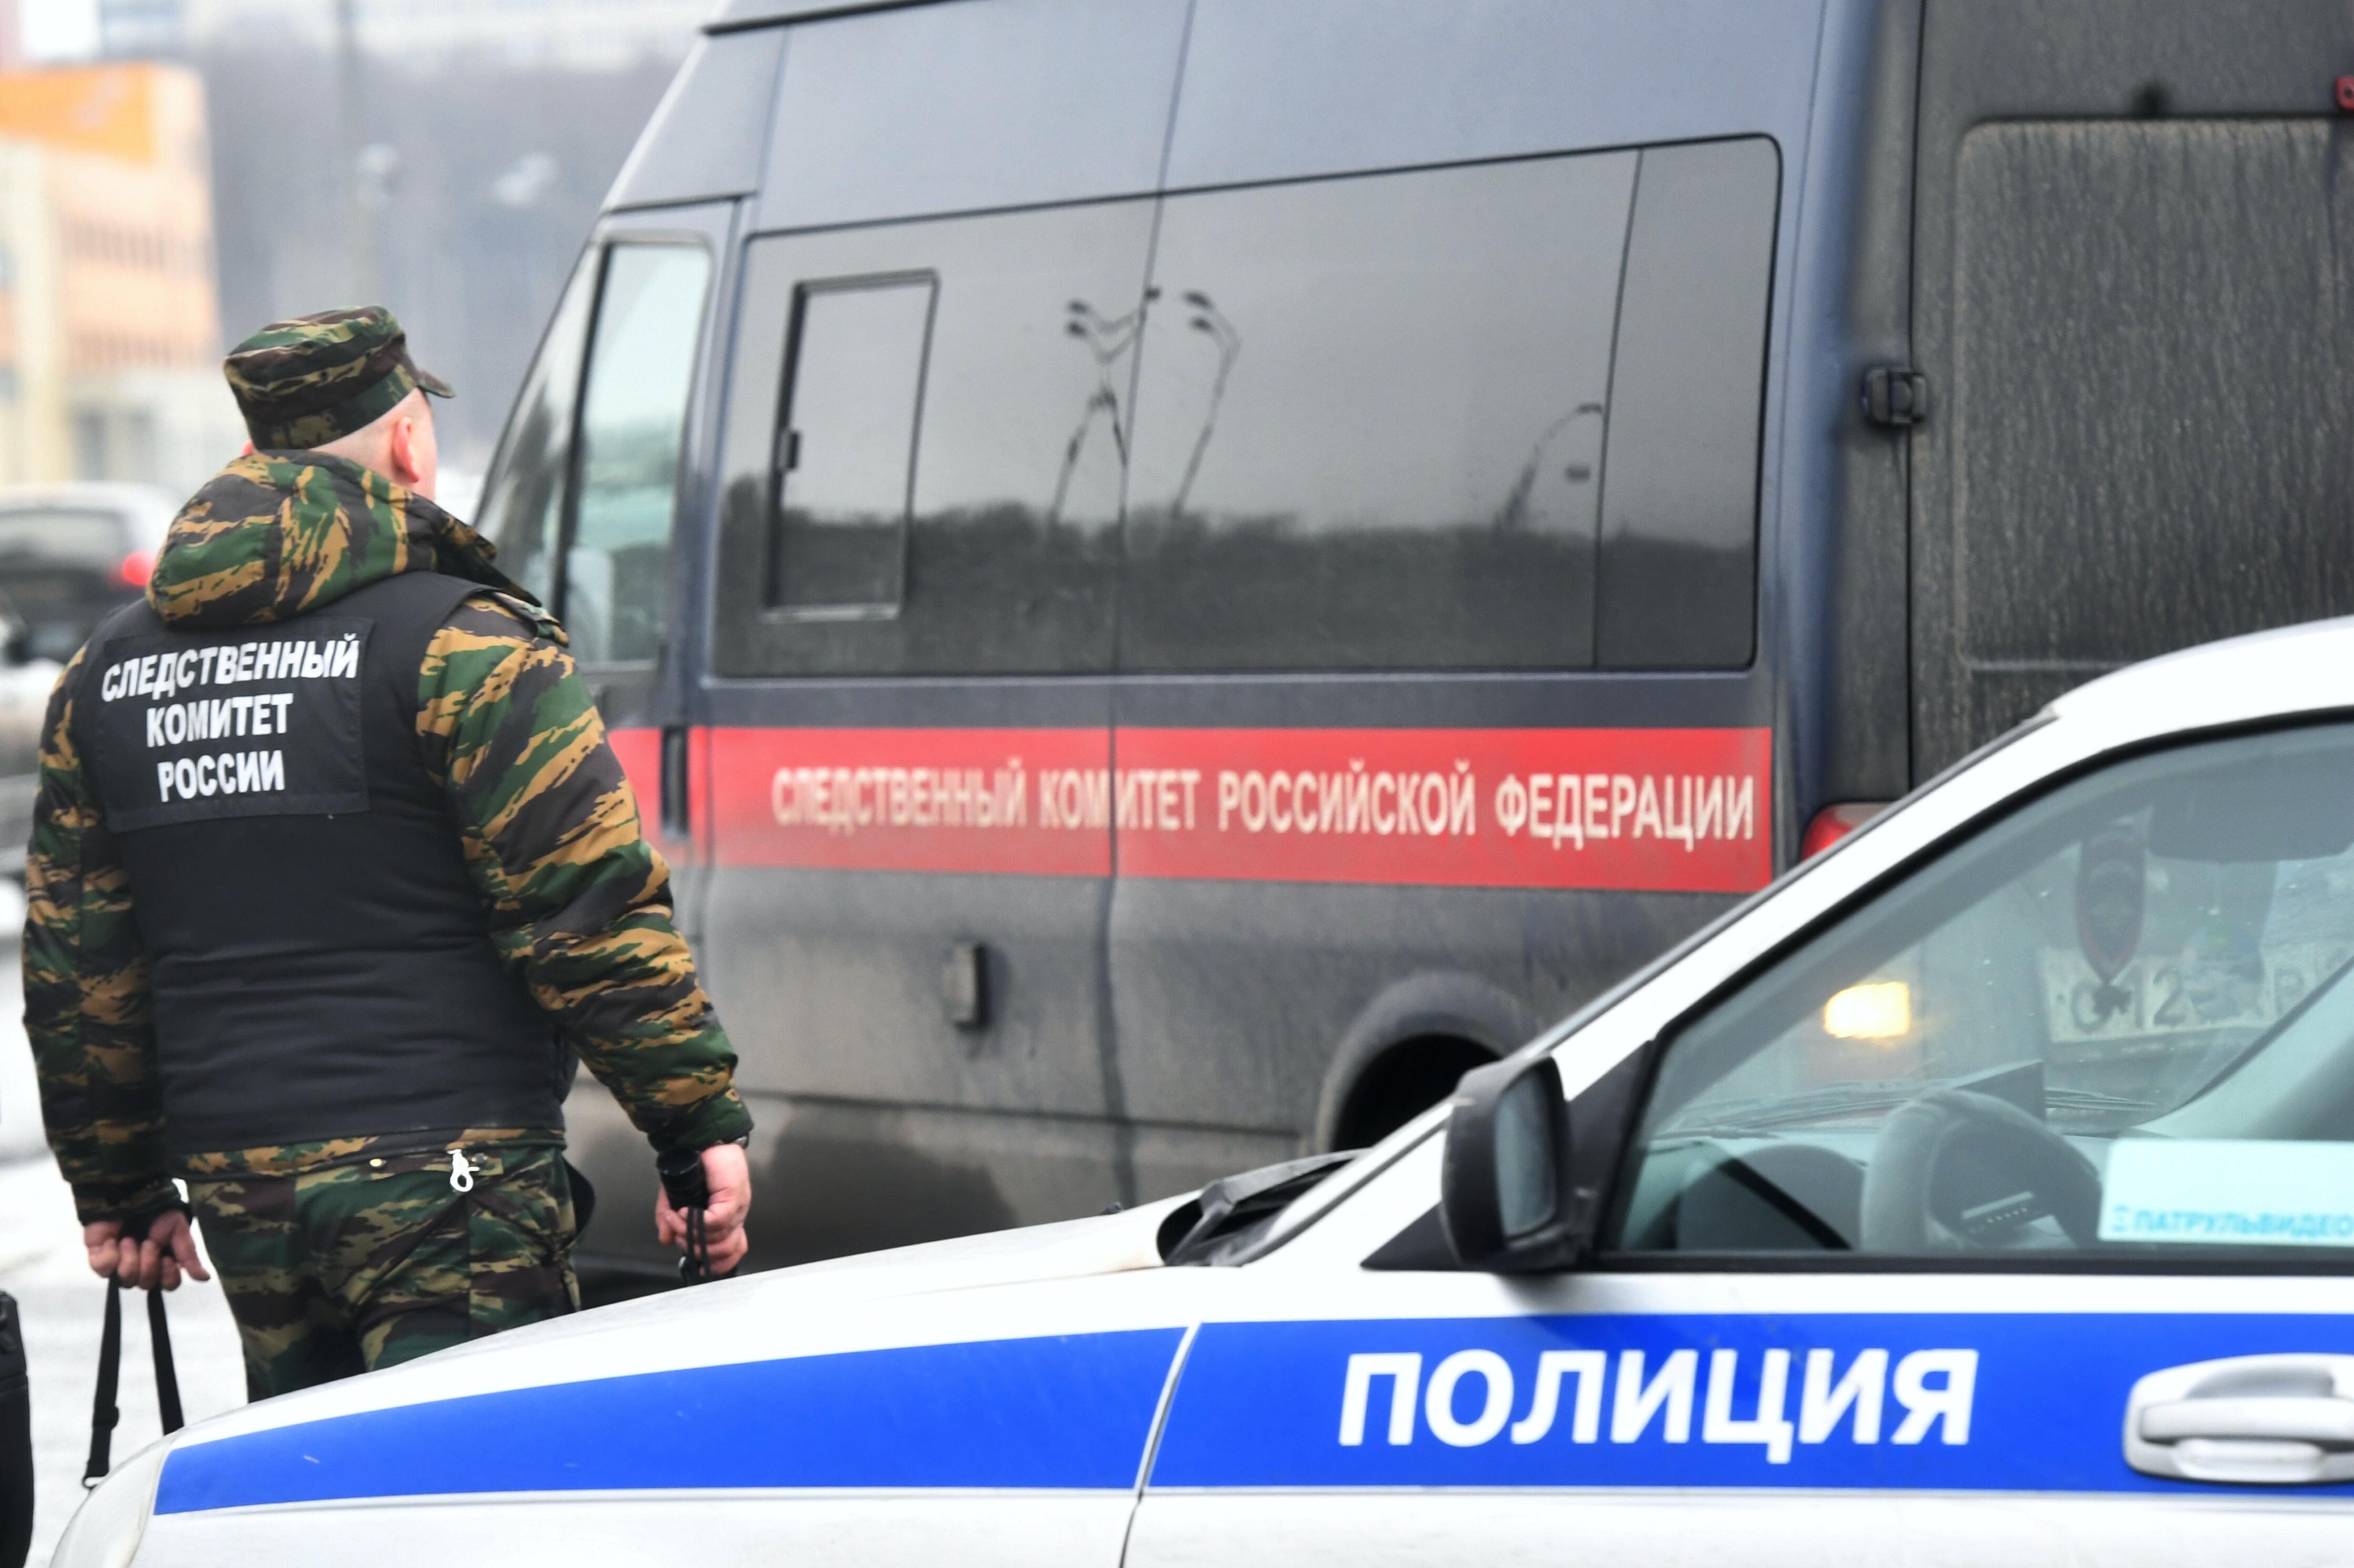 <p>Фото: &copy; РИА Новости/Алексей Куденко</p>